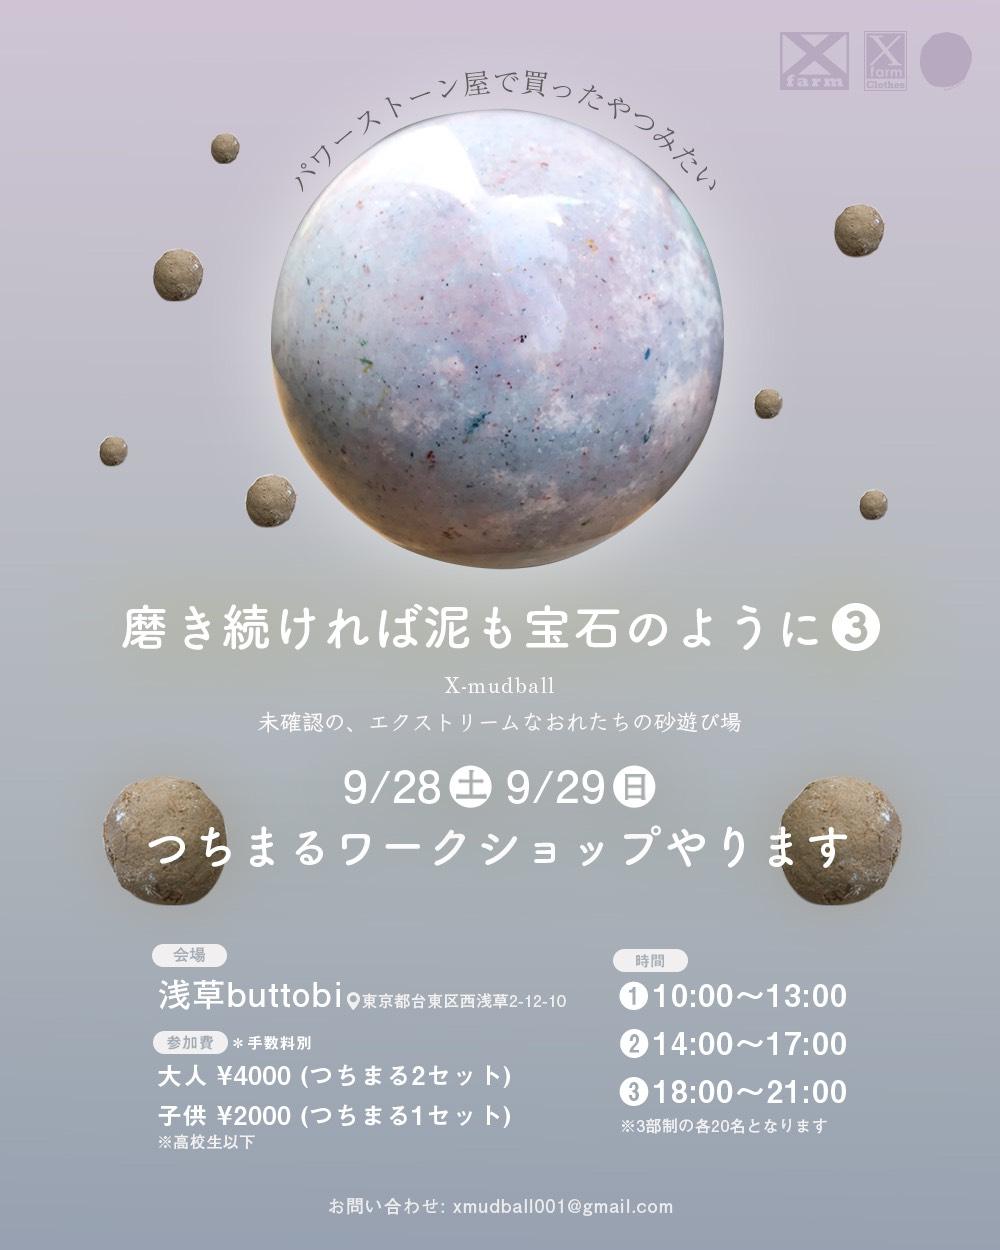 つちまるワークショップ 9/29(日)-第3部-